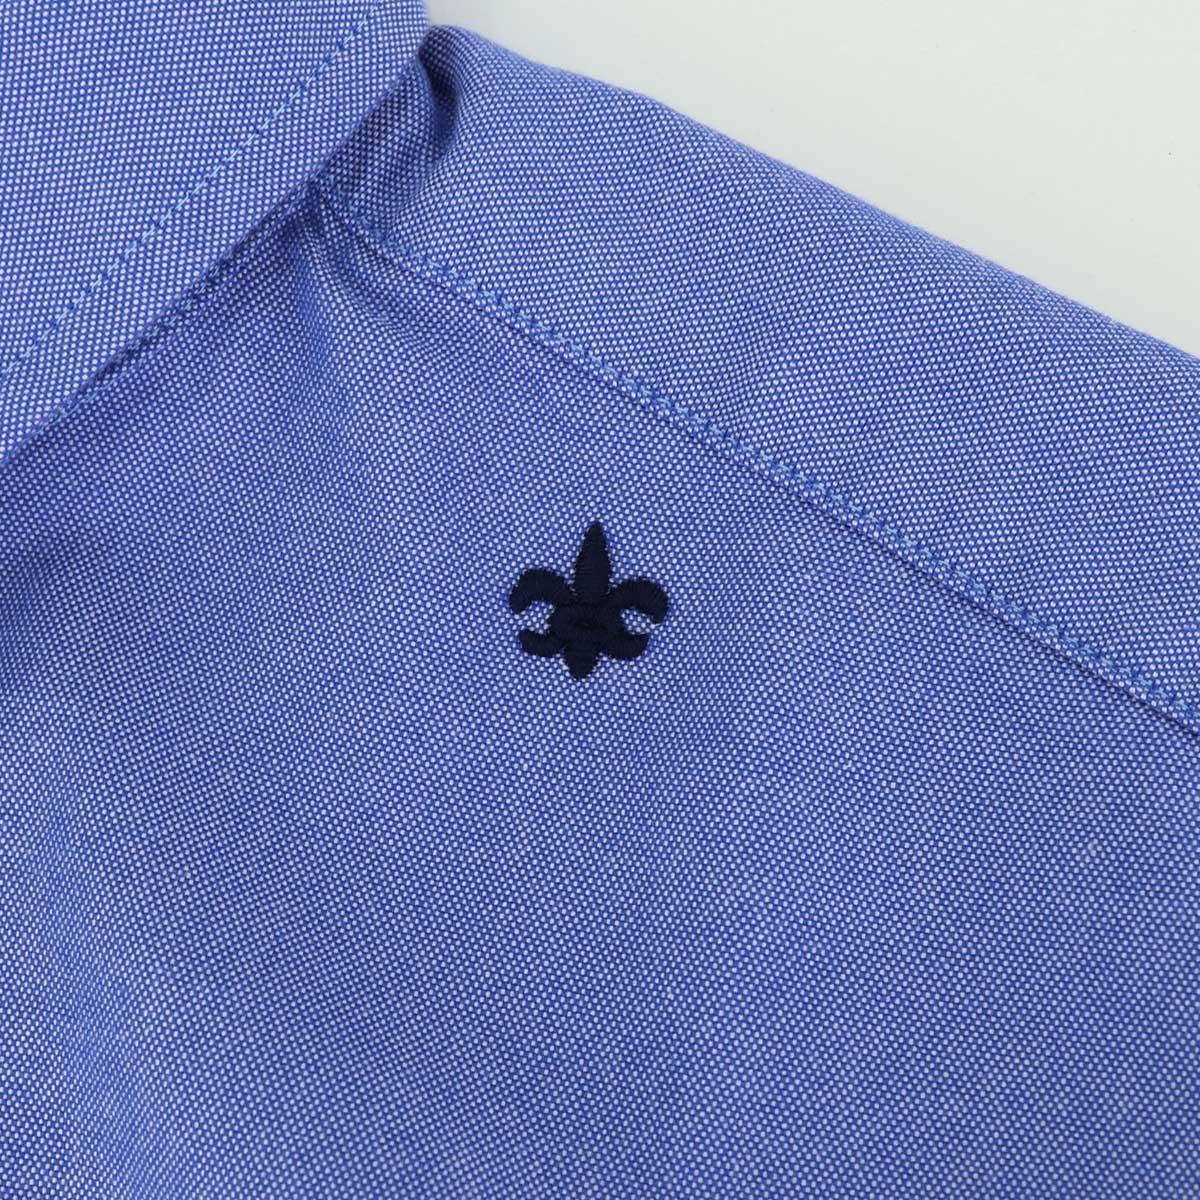 ★定番 オックスフォード ちびえりシャツ(BLUE)